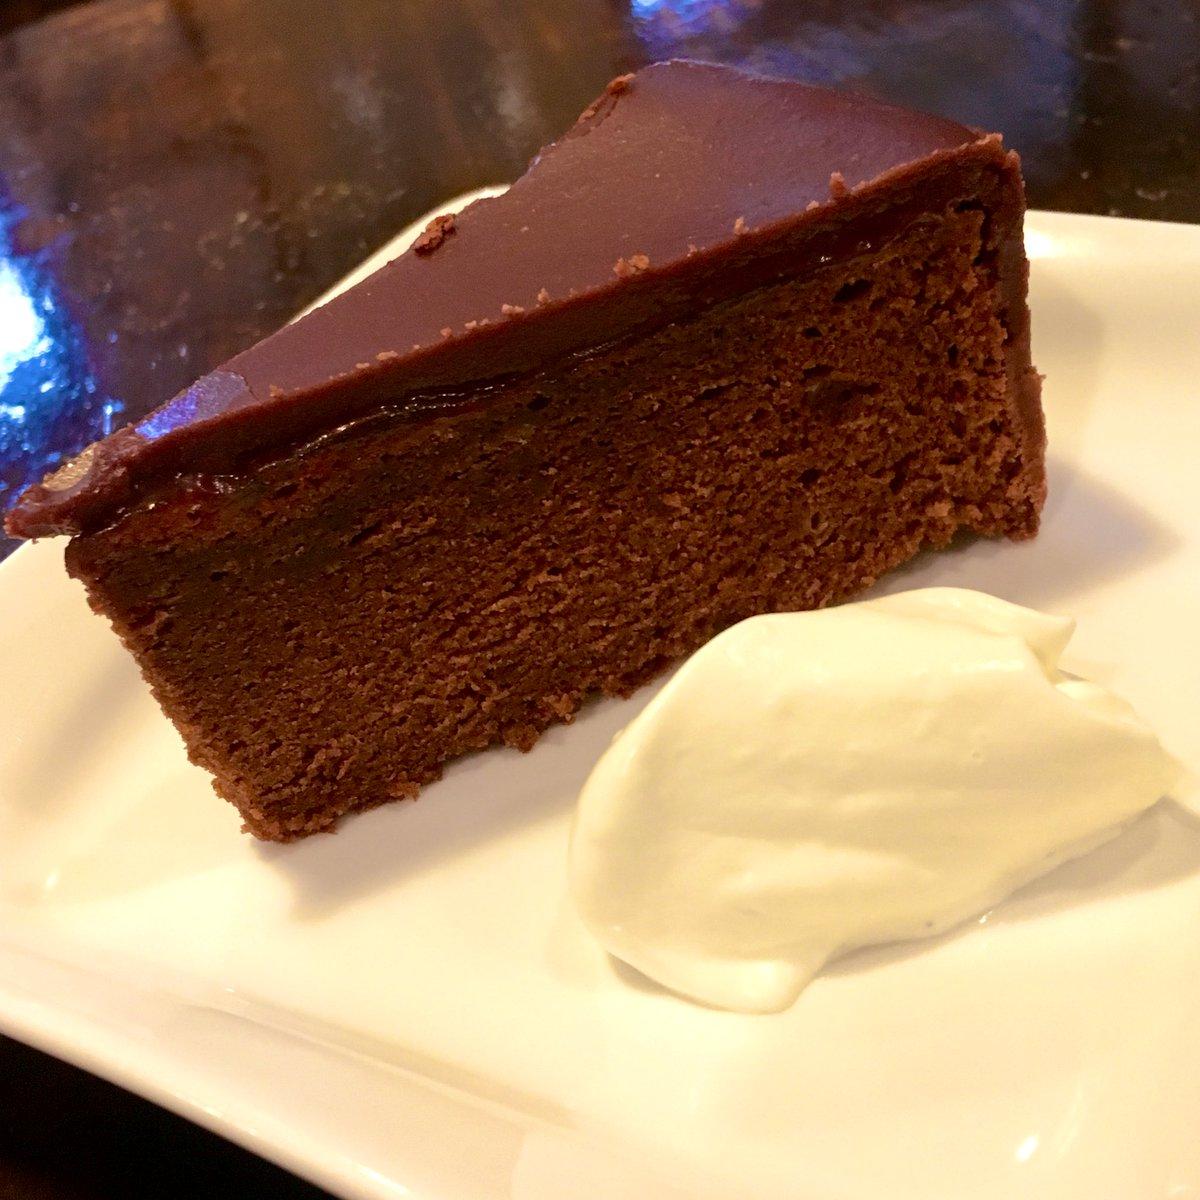 test ツイッターメディア - 昨日作ったザッハトルテ ウィーンの名店デメルの味を再現した僕の得意ケーキ(ᵔᴥᵔ) 砂糖とチョコを煮詰めて結晶化させたシャリッとした食感のコーティングがめっちゃ美味しいです。 https://t.co/SGpJnMv0qe